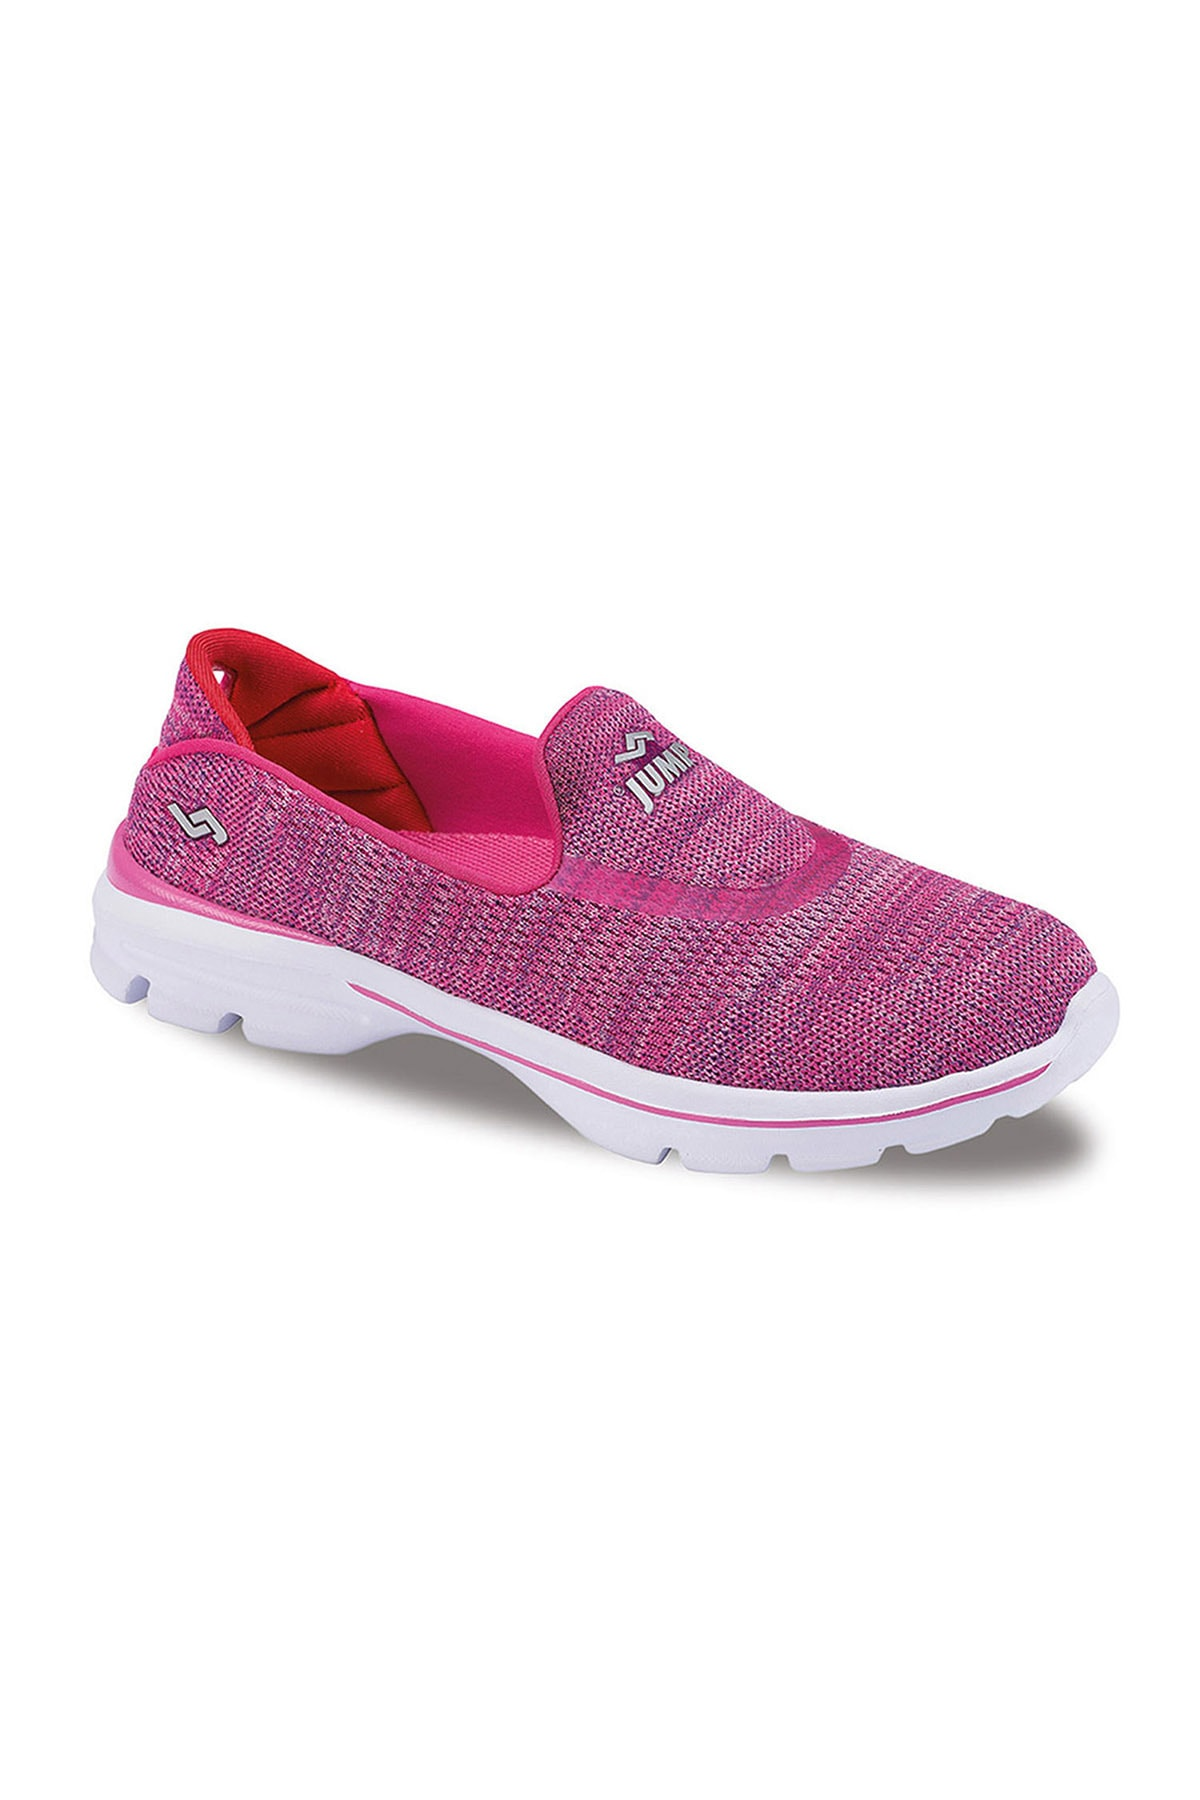 Jump Pembe Kadın Ayakkabı 190 15199Z 1